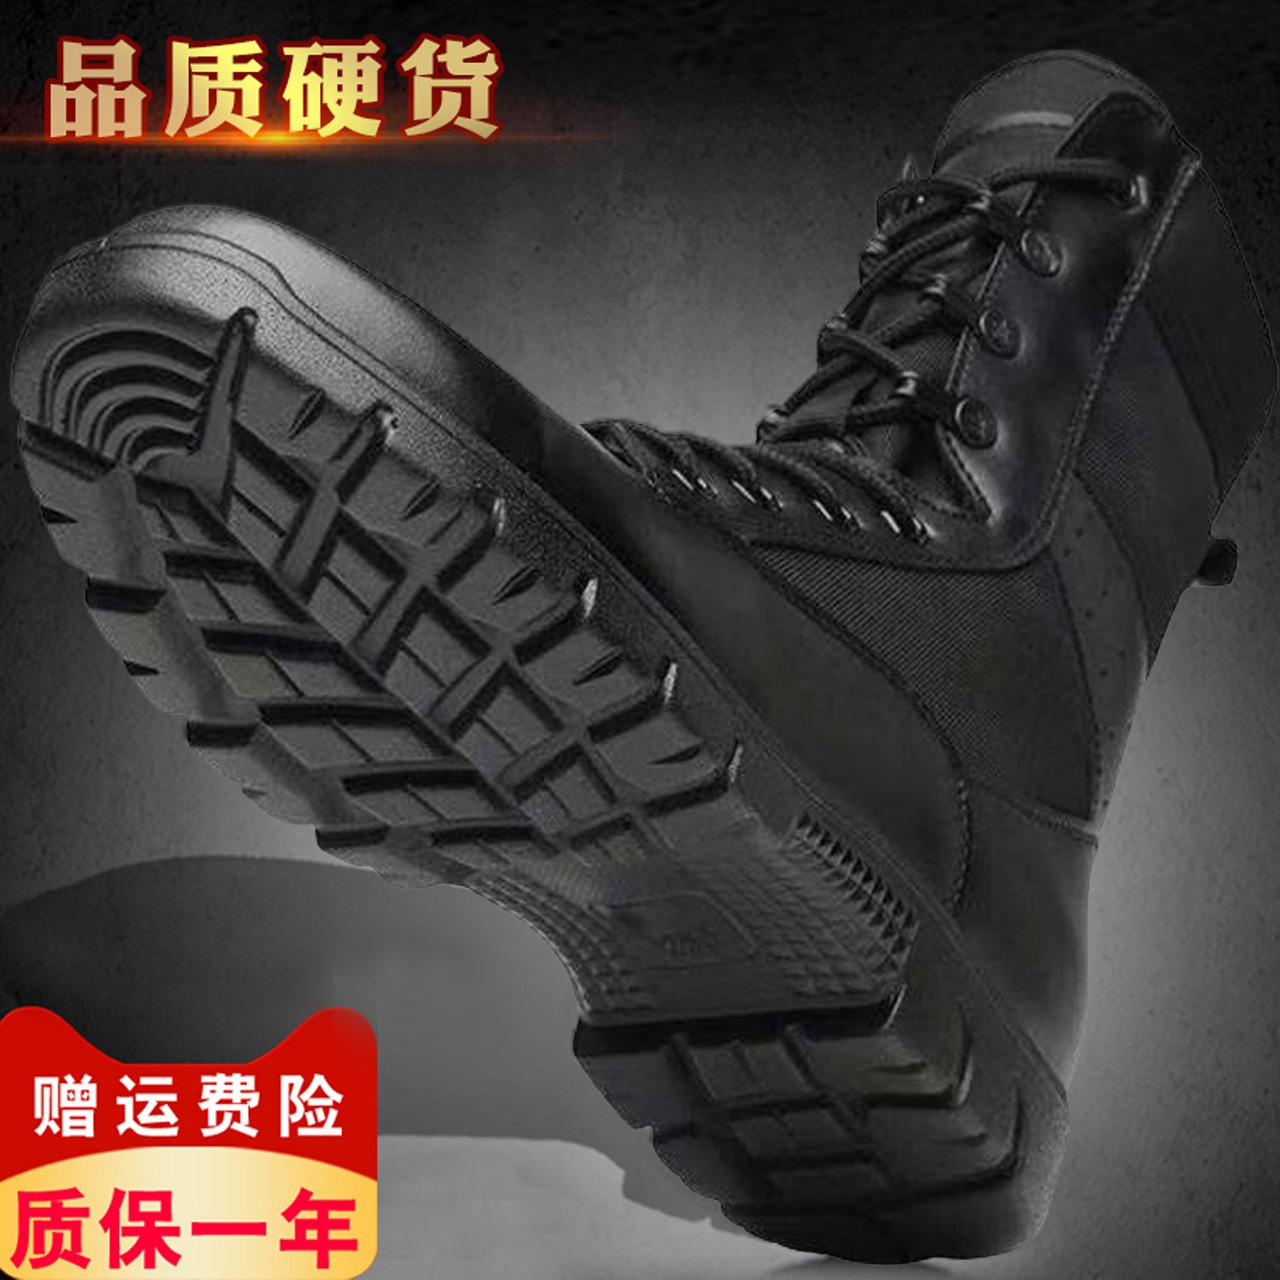 新式超轻07a作战靴男特种兵透气减震陆战靴高帮作训军靴男战术靴